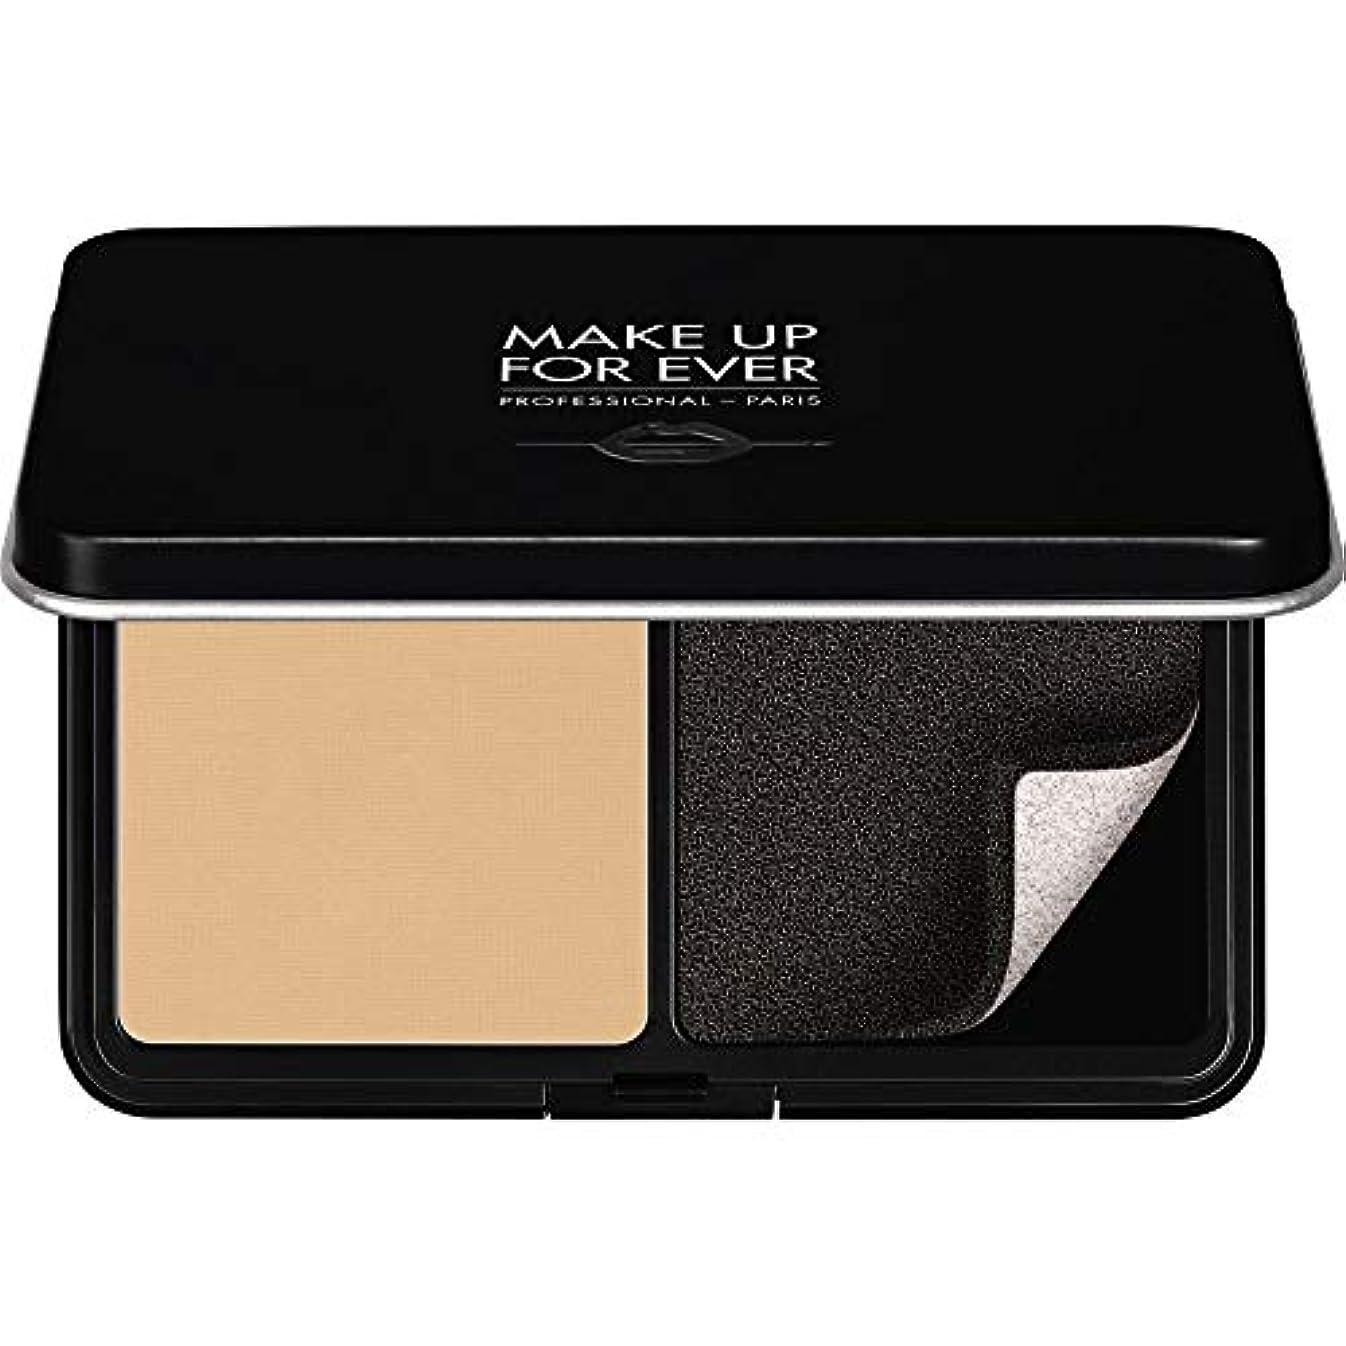 土地対抗怠けた[MAKE UP FOR EVER ] パウダーファンデーション11GののY225をぼかし、これまでマットベルベットの肌を補う - 大理石 - MAKE UP FOR EVER Matte Velvet Skin Blurring...